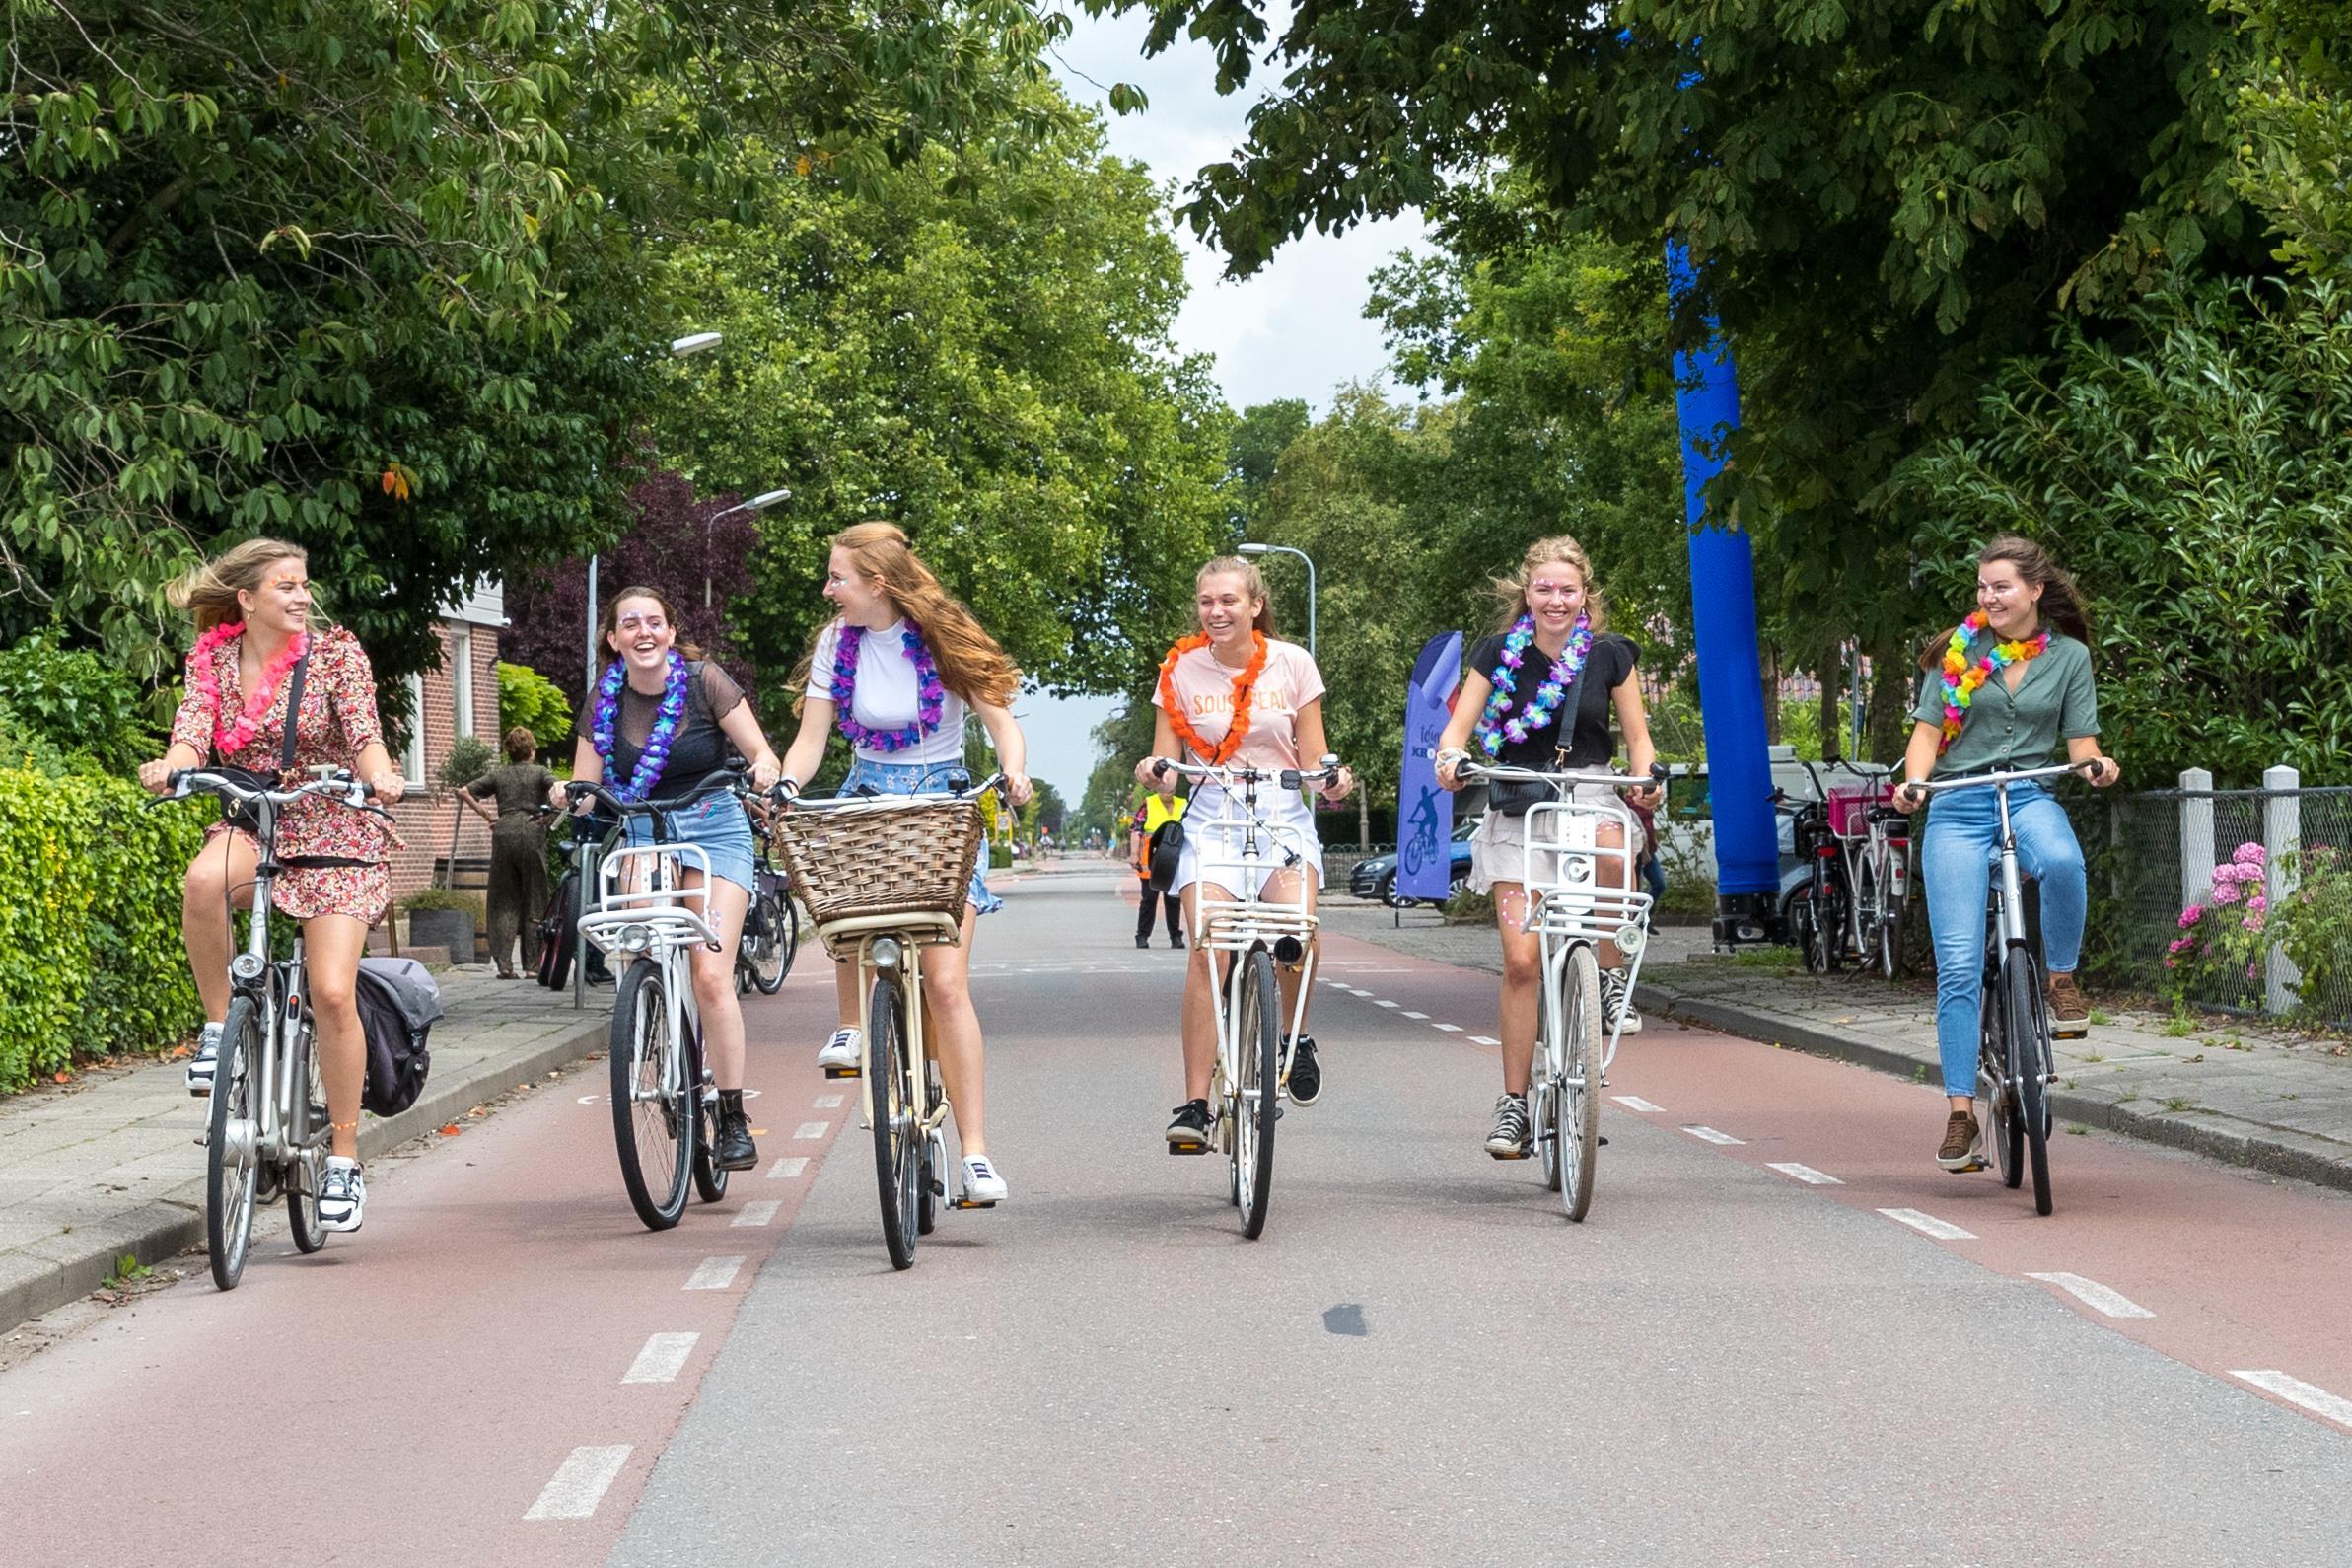 Tourpiemels wegpoetsen tijdens kolderieke fietstocht tussen Westwoud, Blokker, Oosterblokker en Zwaag: kroegentocht als ode aan de Tour de France